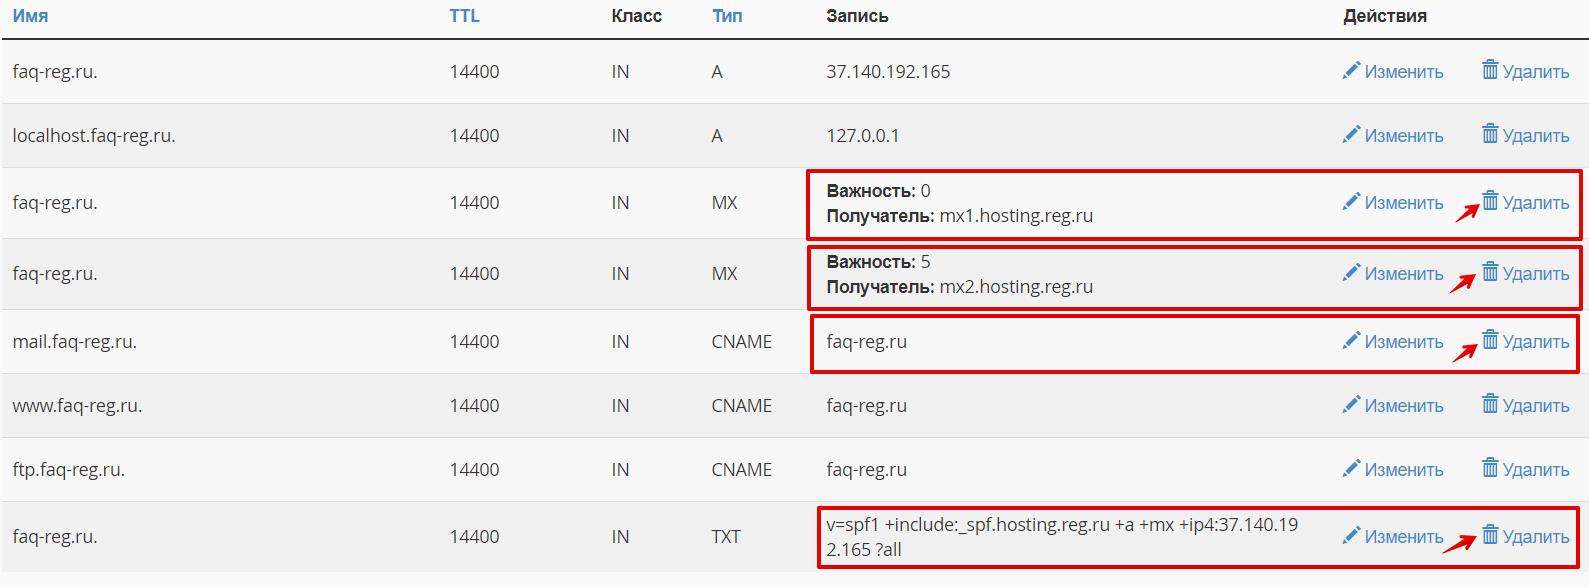 как настроить mail.ru для бизнеса в панели управления 8